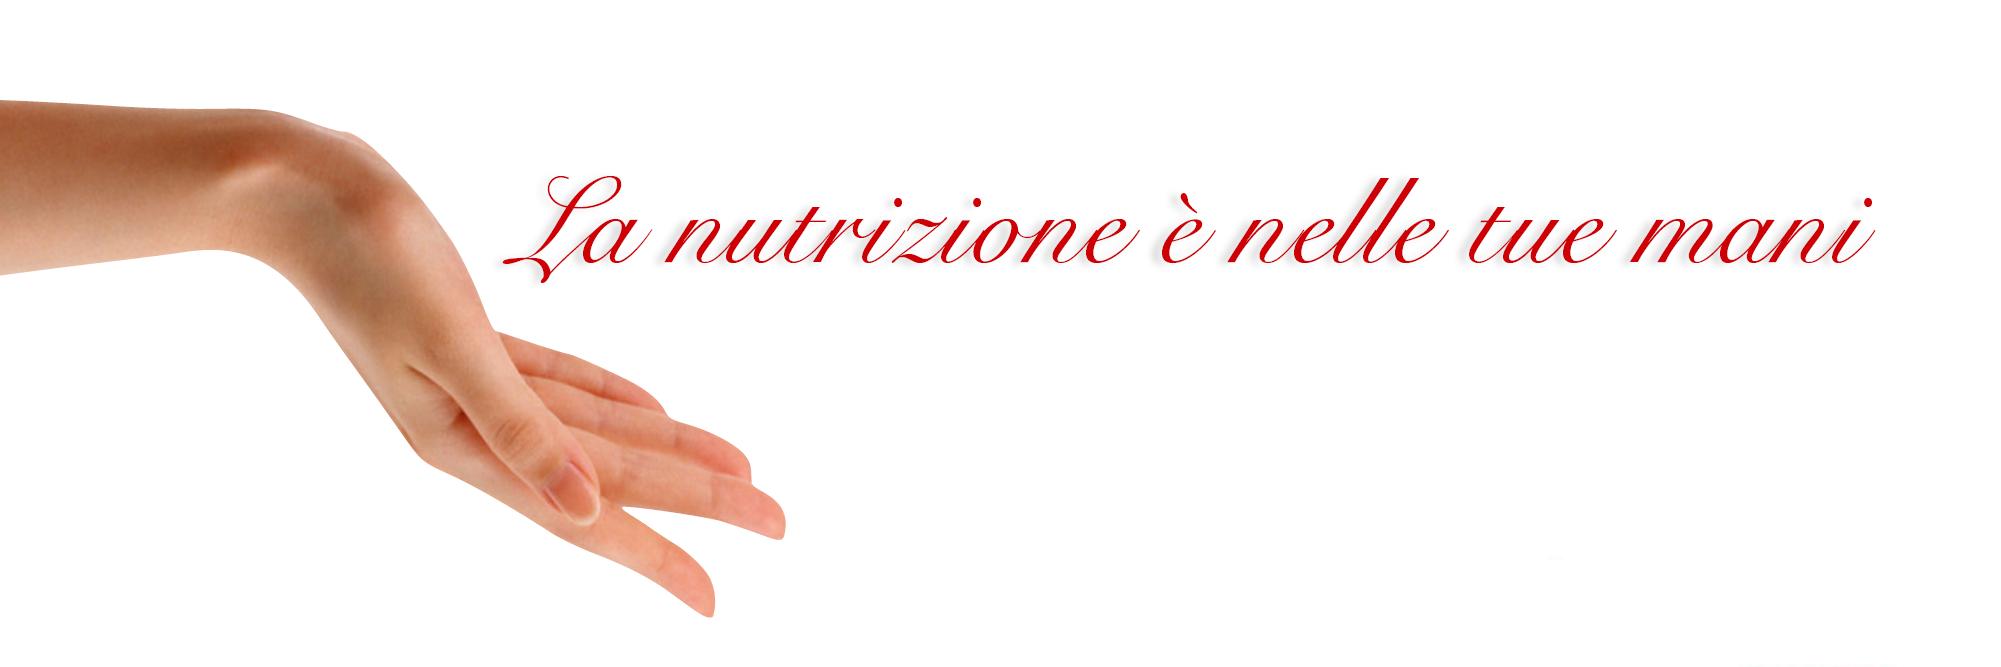 Nutrizione nelle tue mani